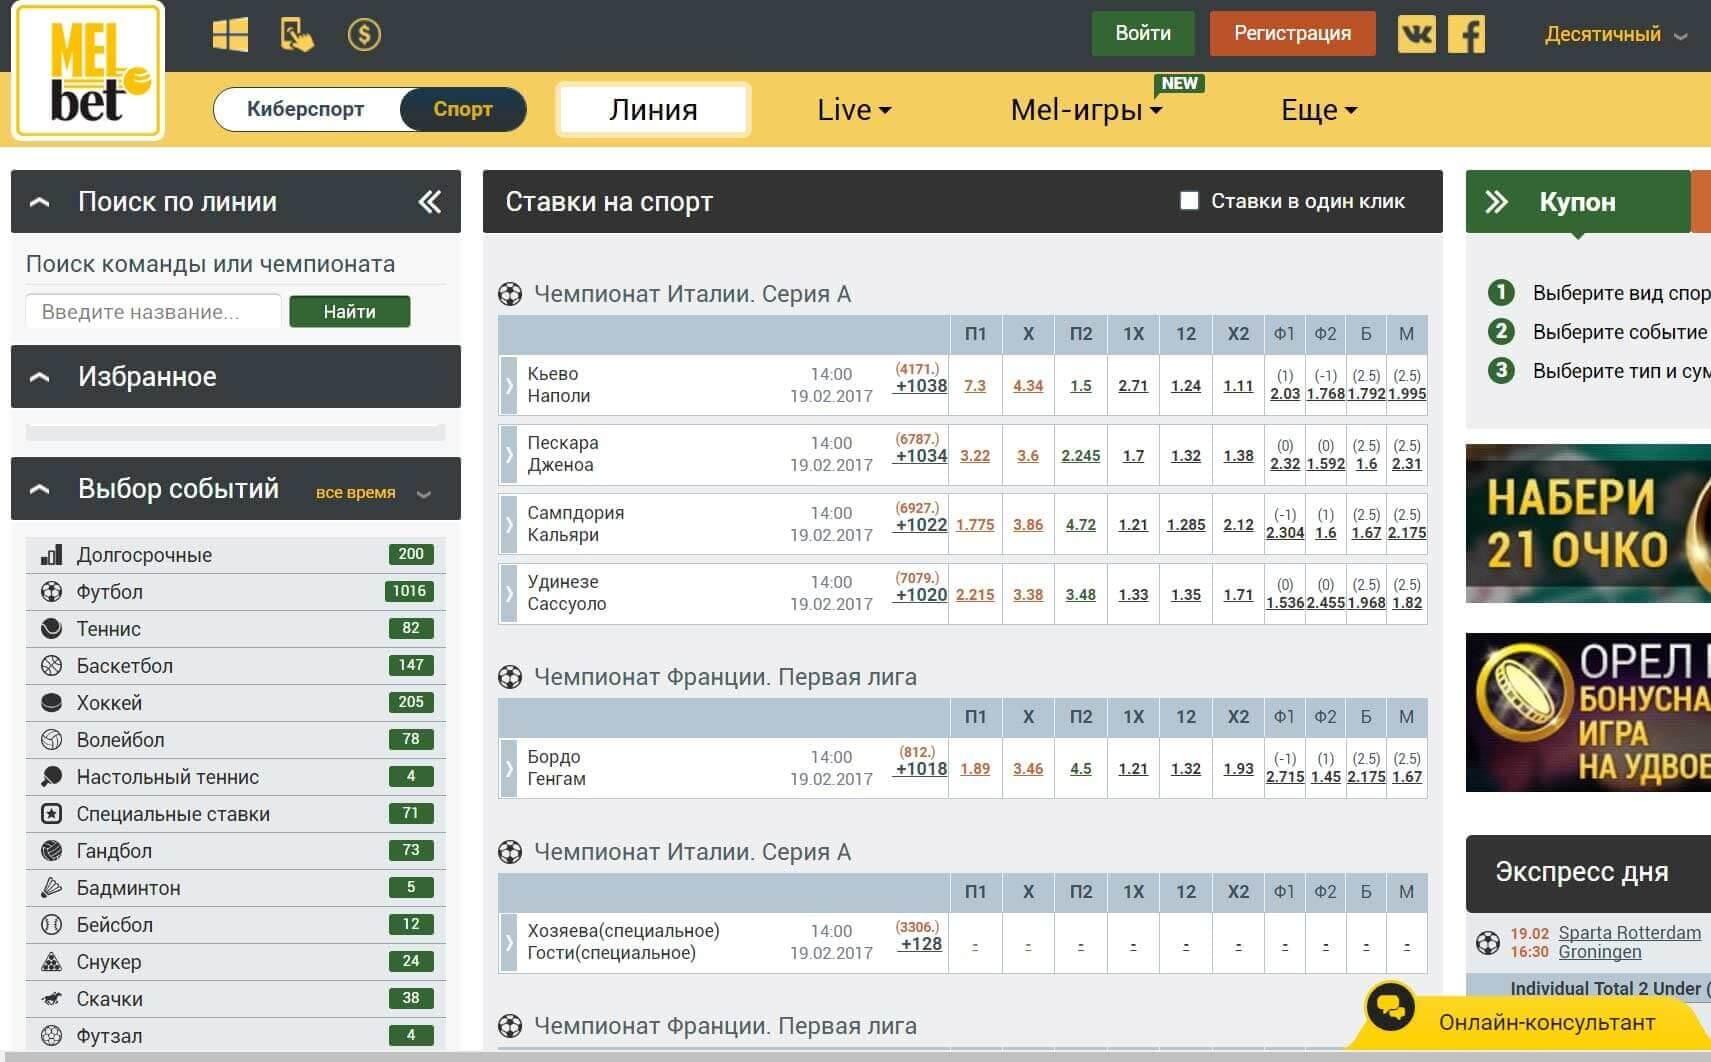 Онлайн Ставки На Спорт России Официальный Сайт